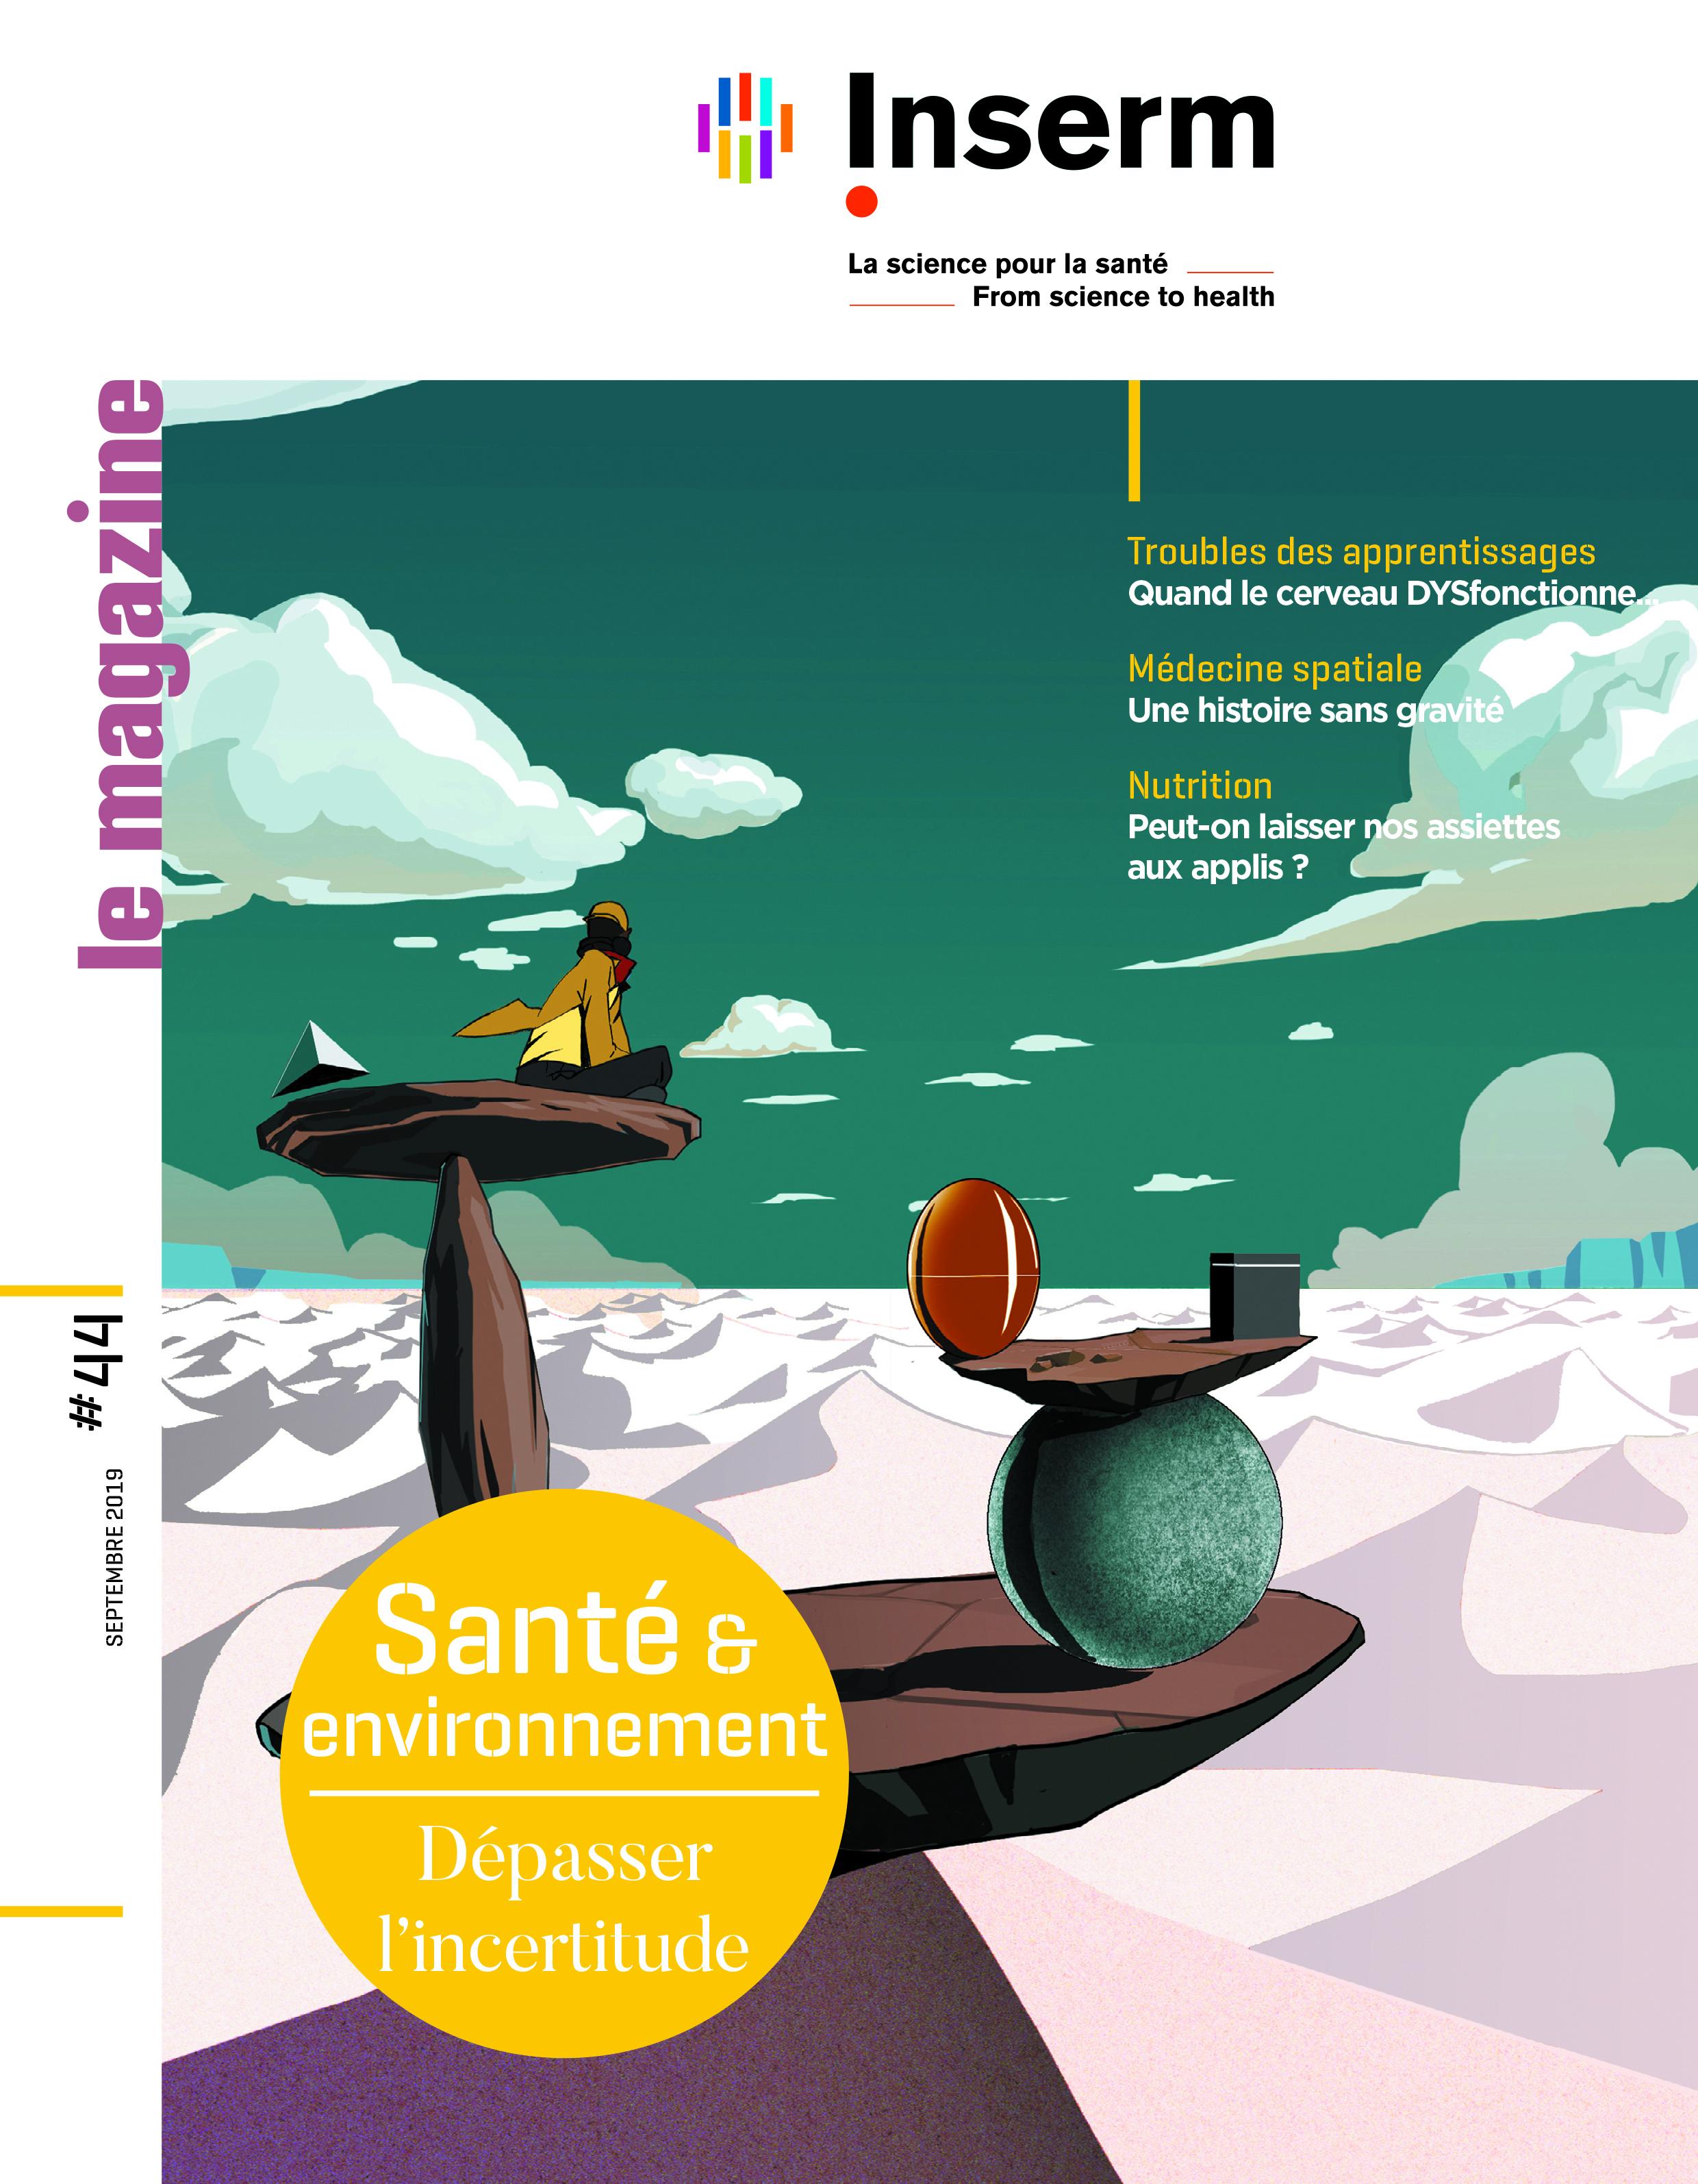 Le magazine de l'Inserm numéro 44 : Santé et environnement - dépasser l'incertitude